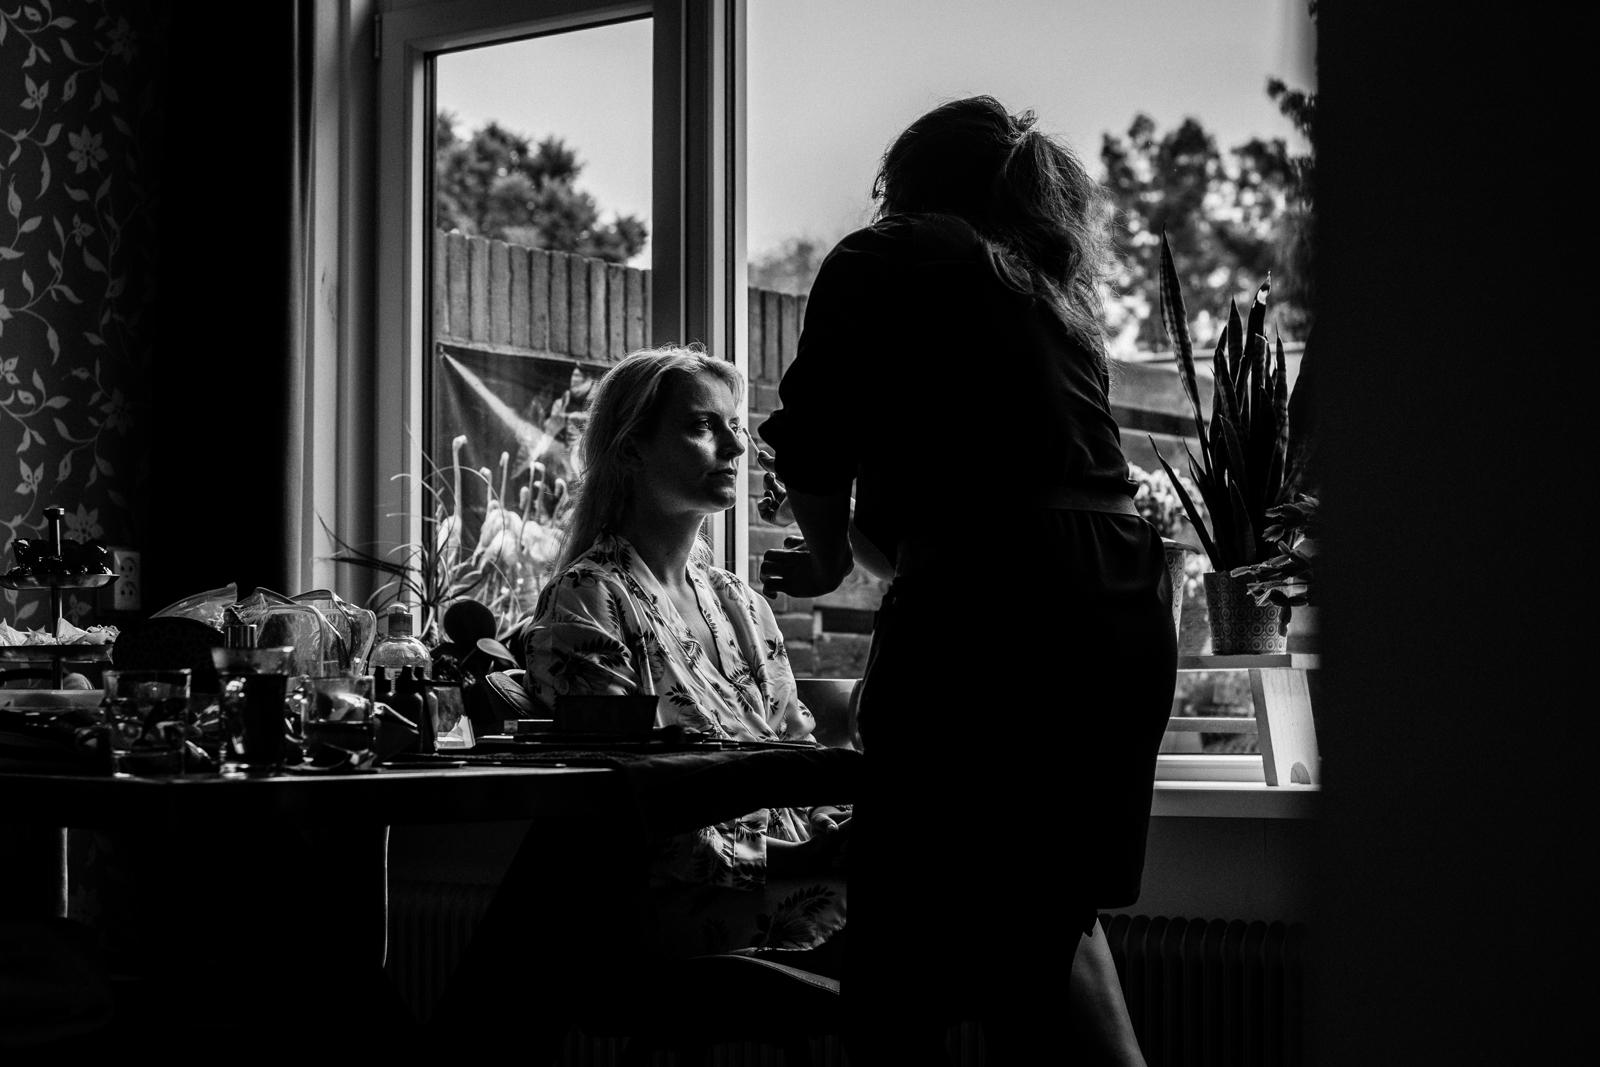 Linda van den Berg